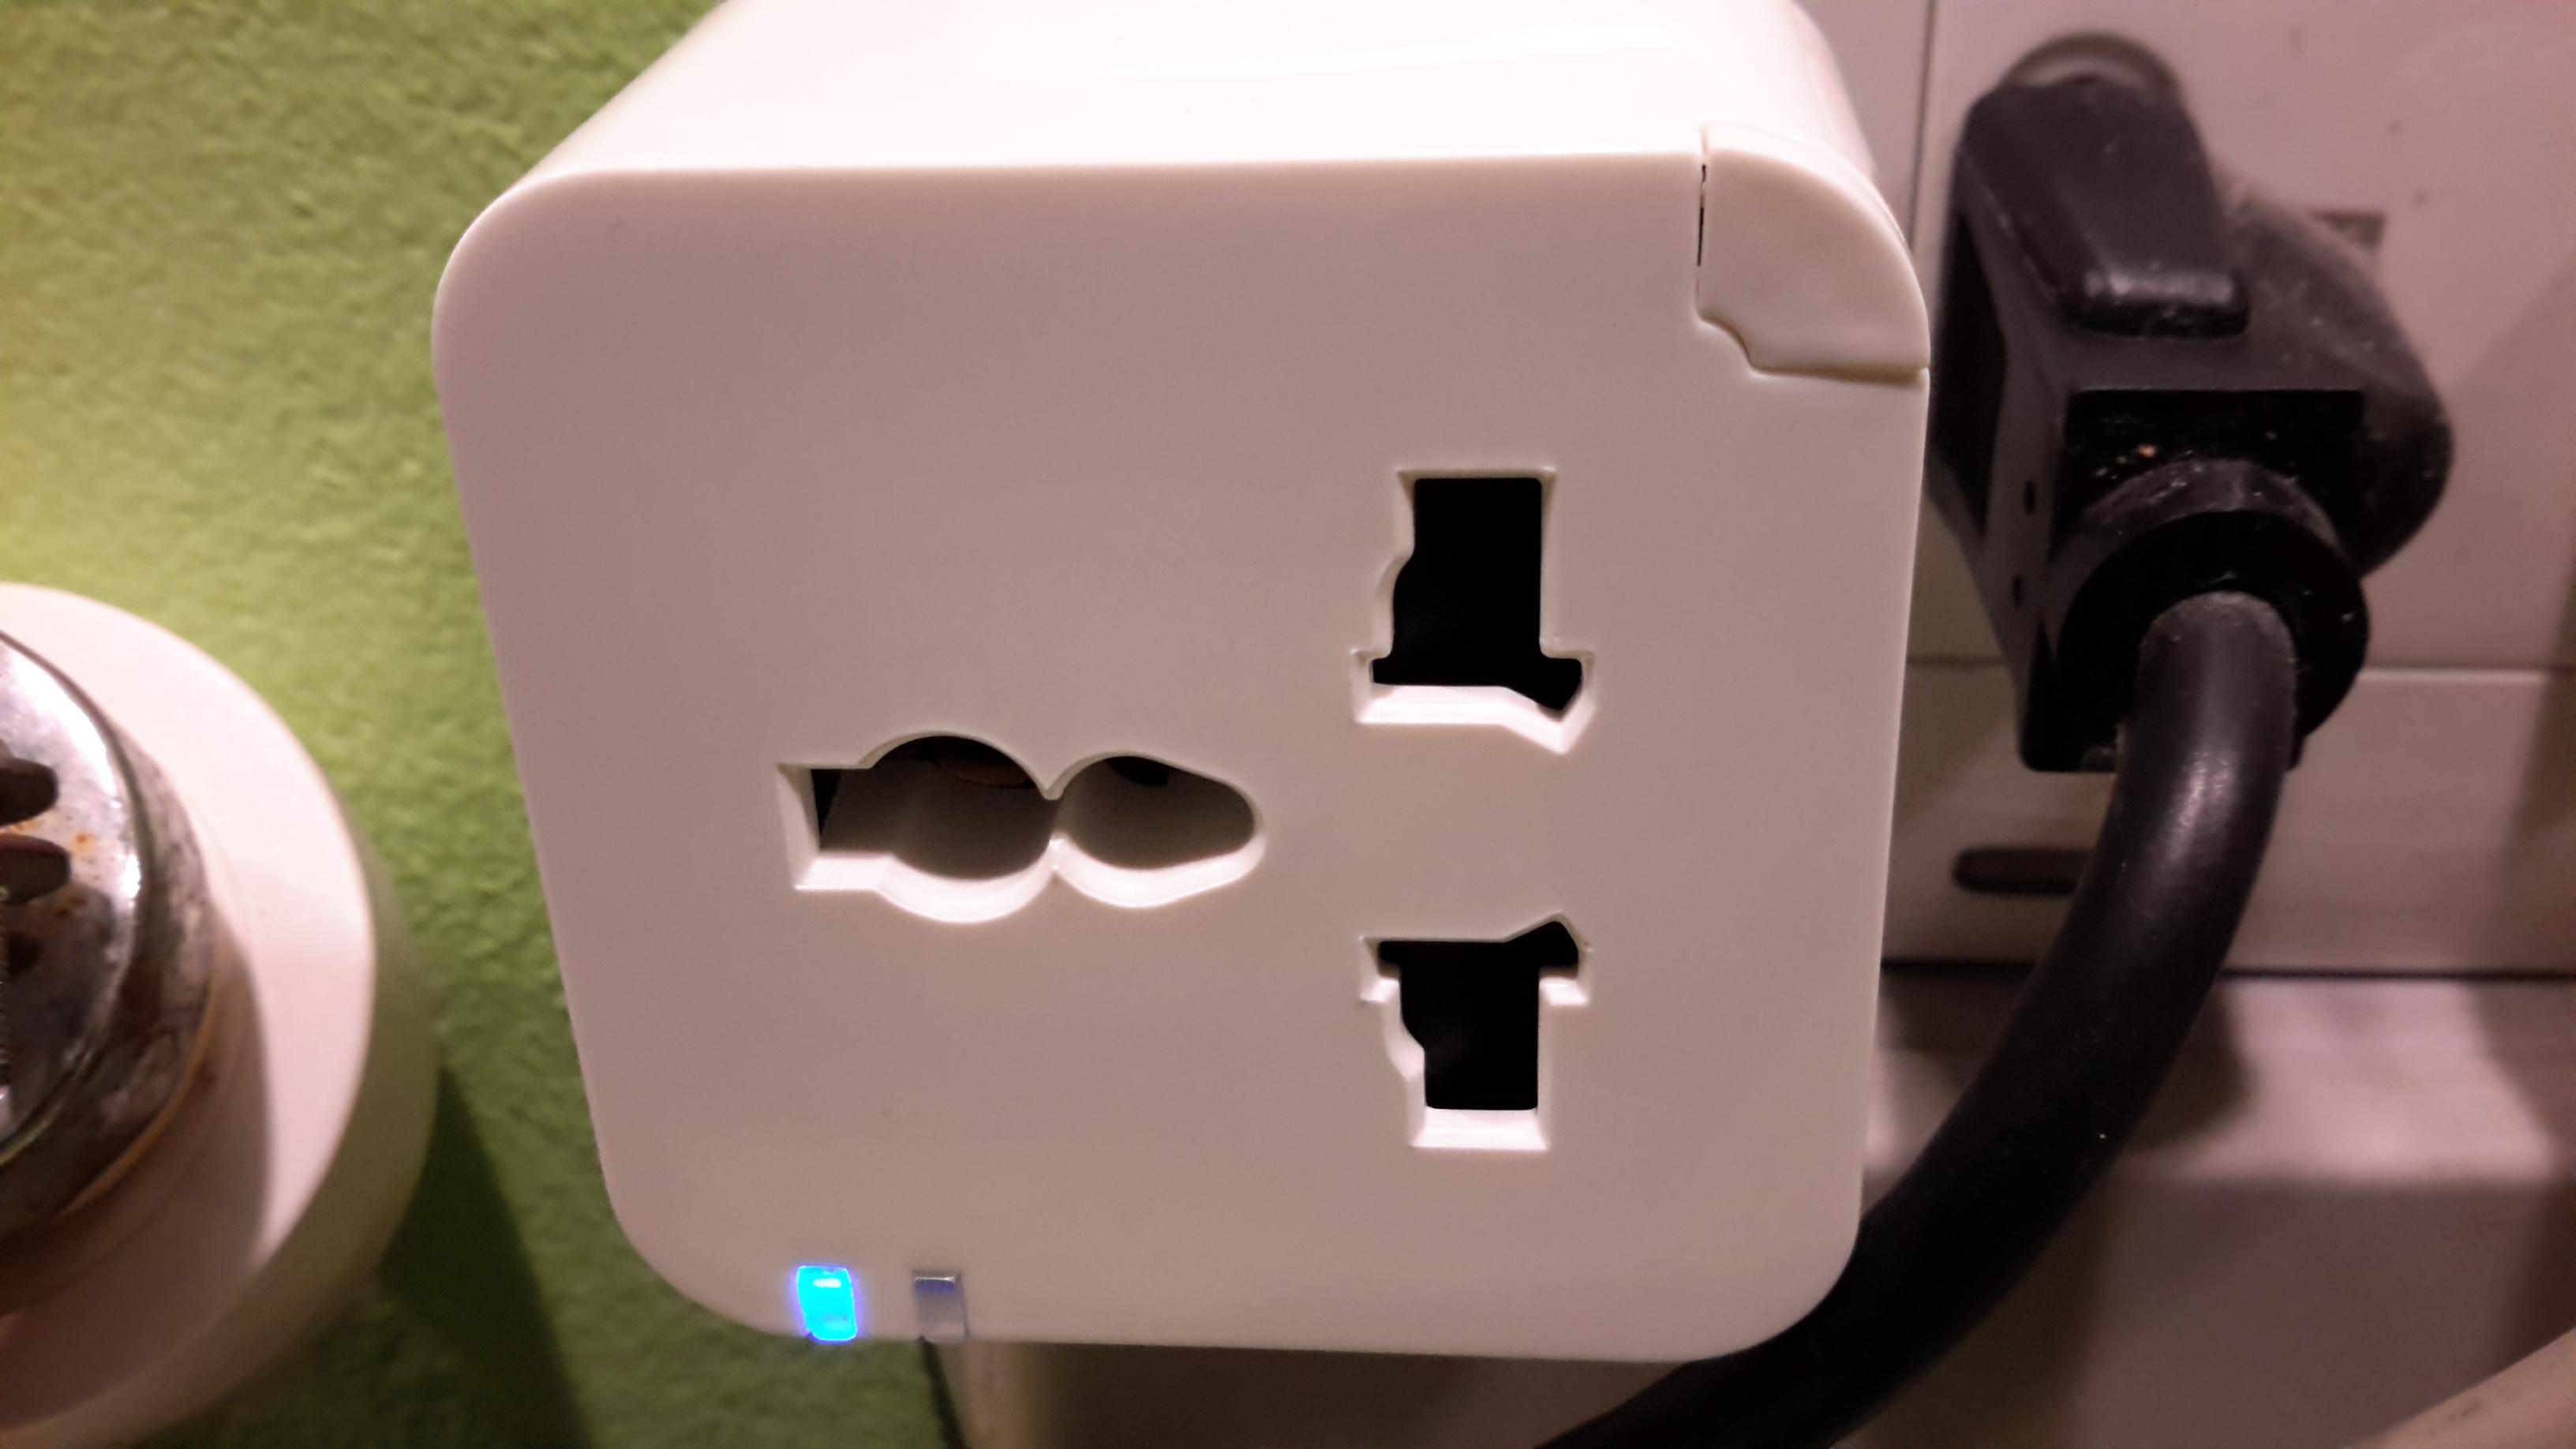 ปลั๊กควบคุมการเปิดปิดอุปกรณ์ไฟฟ้าด้วยมือถือ smart wifi plug